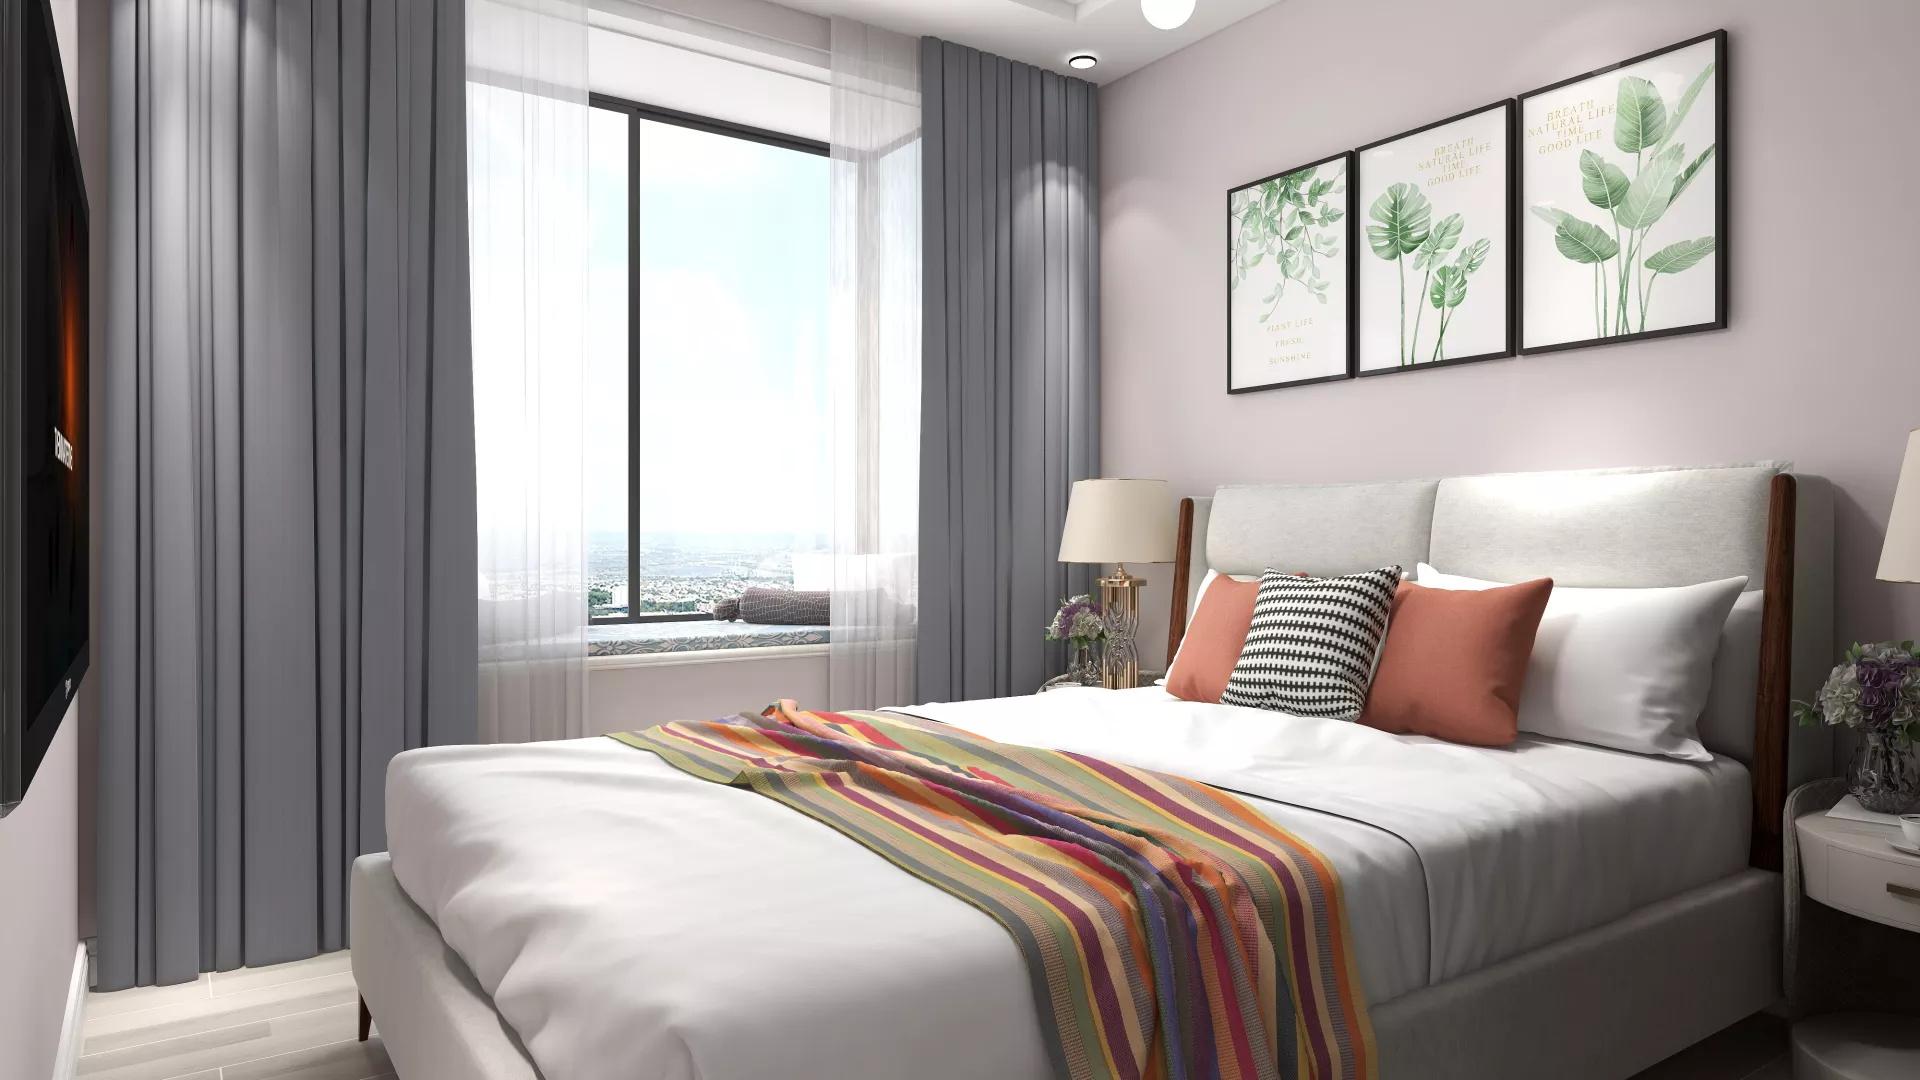 单身公寓装修设计原则 实用单身公寓装修设计要点